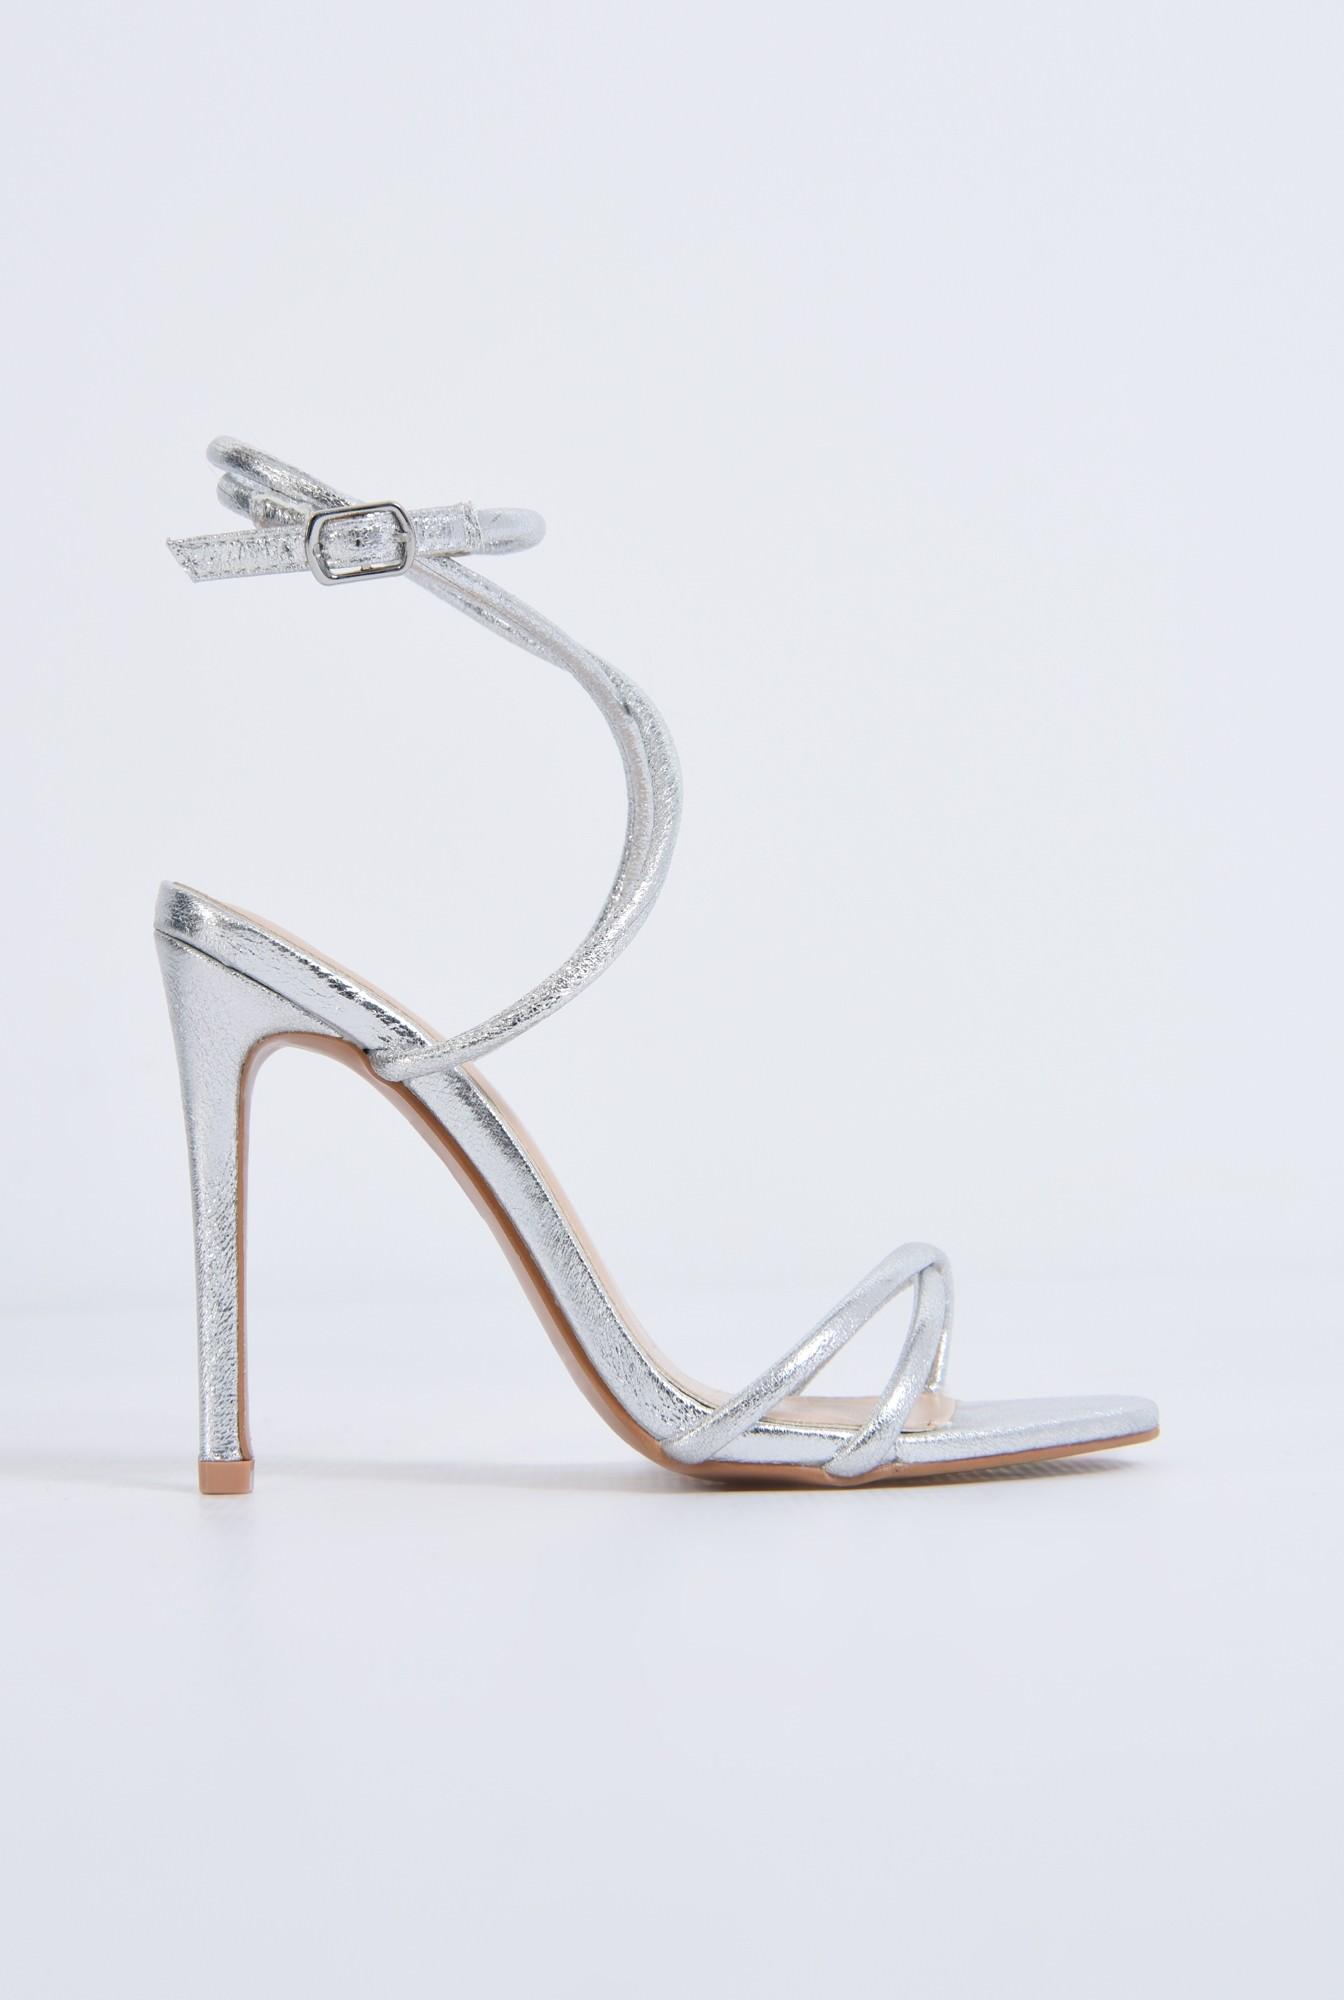 0 - sandale de seara, toc inalt, argintii